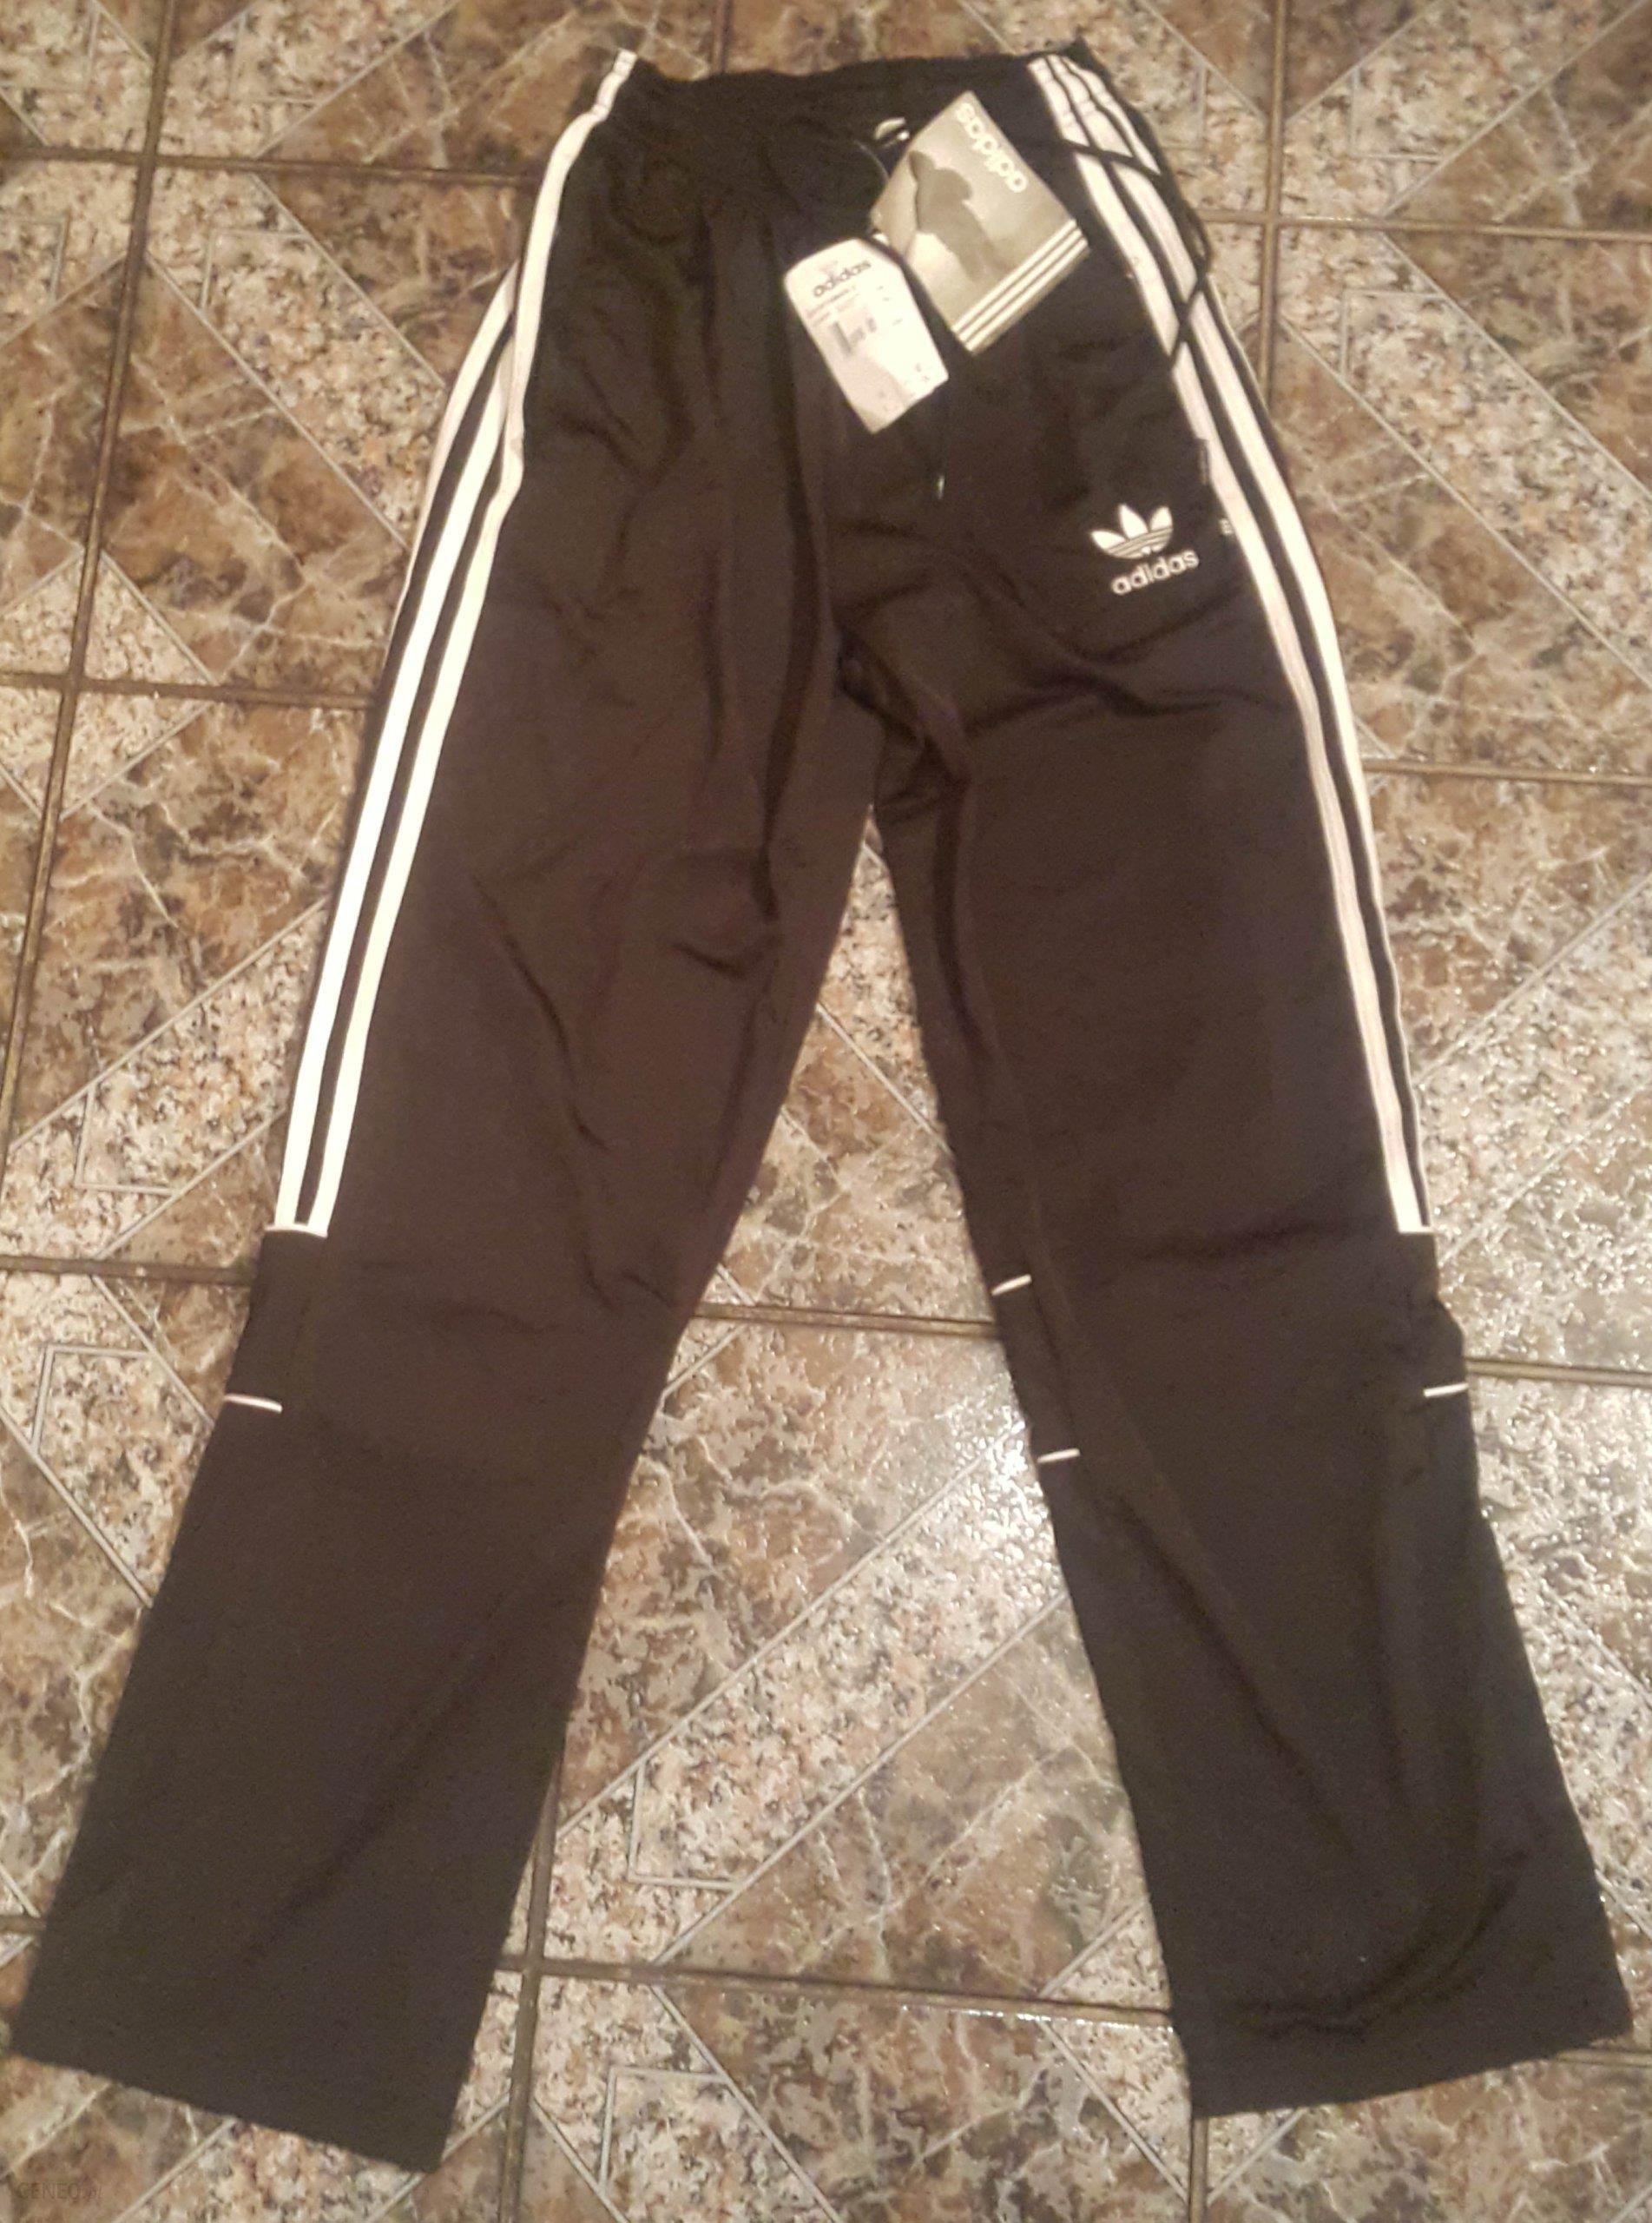 c25c1769c0 Spodnie dresowe Adidas Sportsman 2 nowe